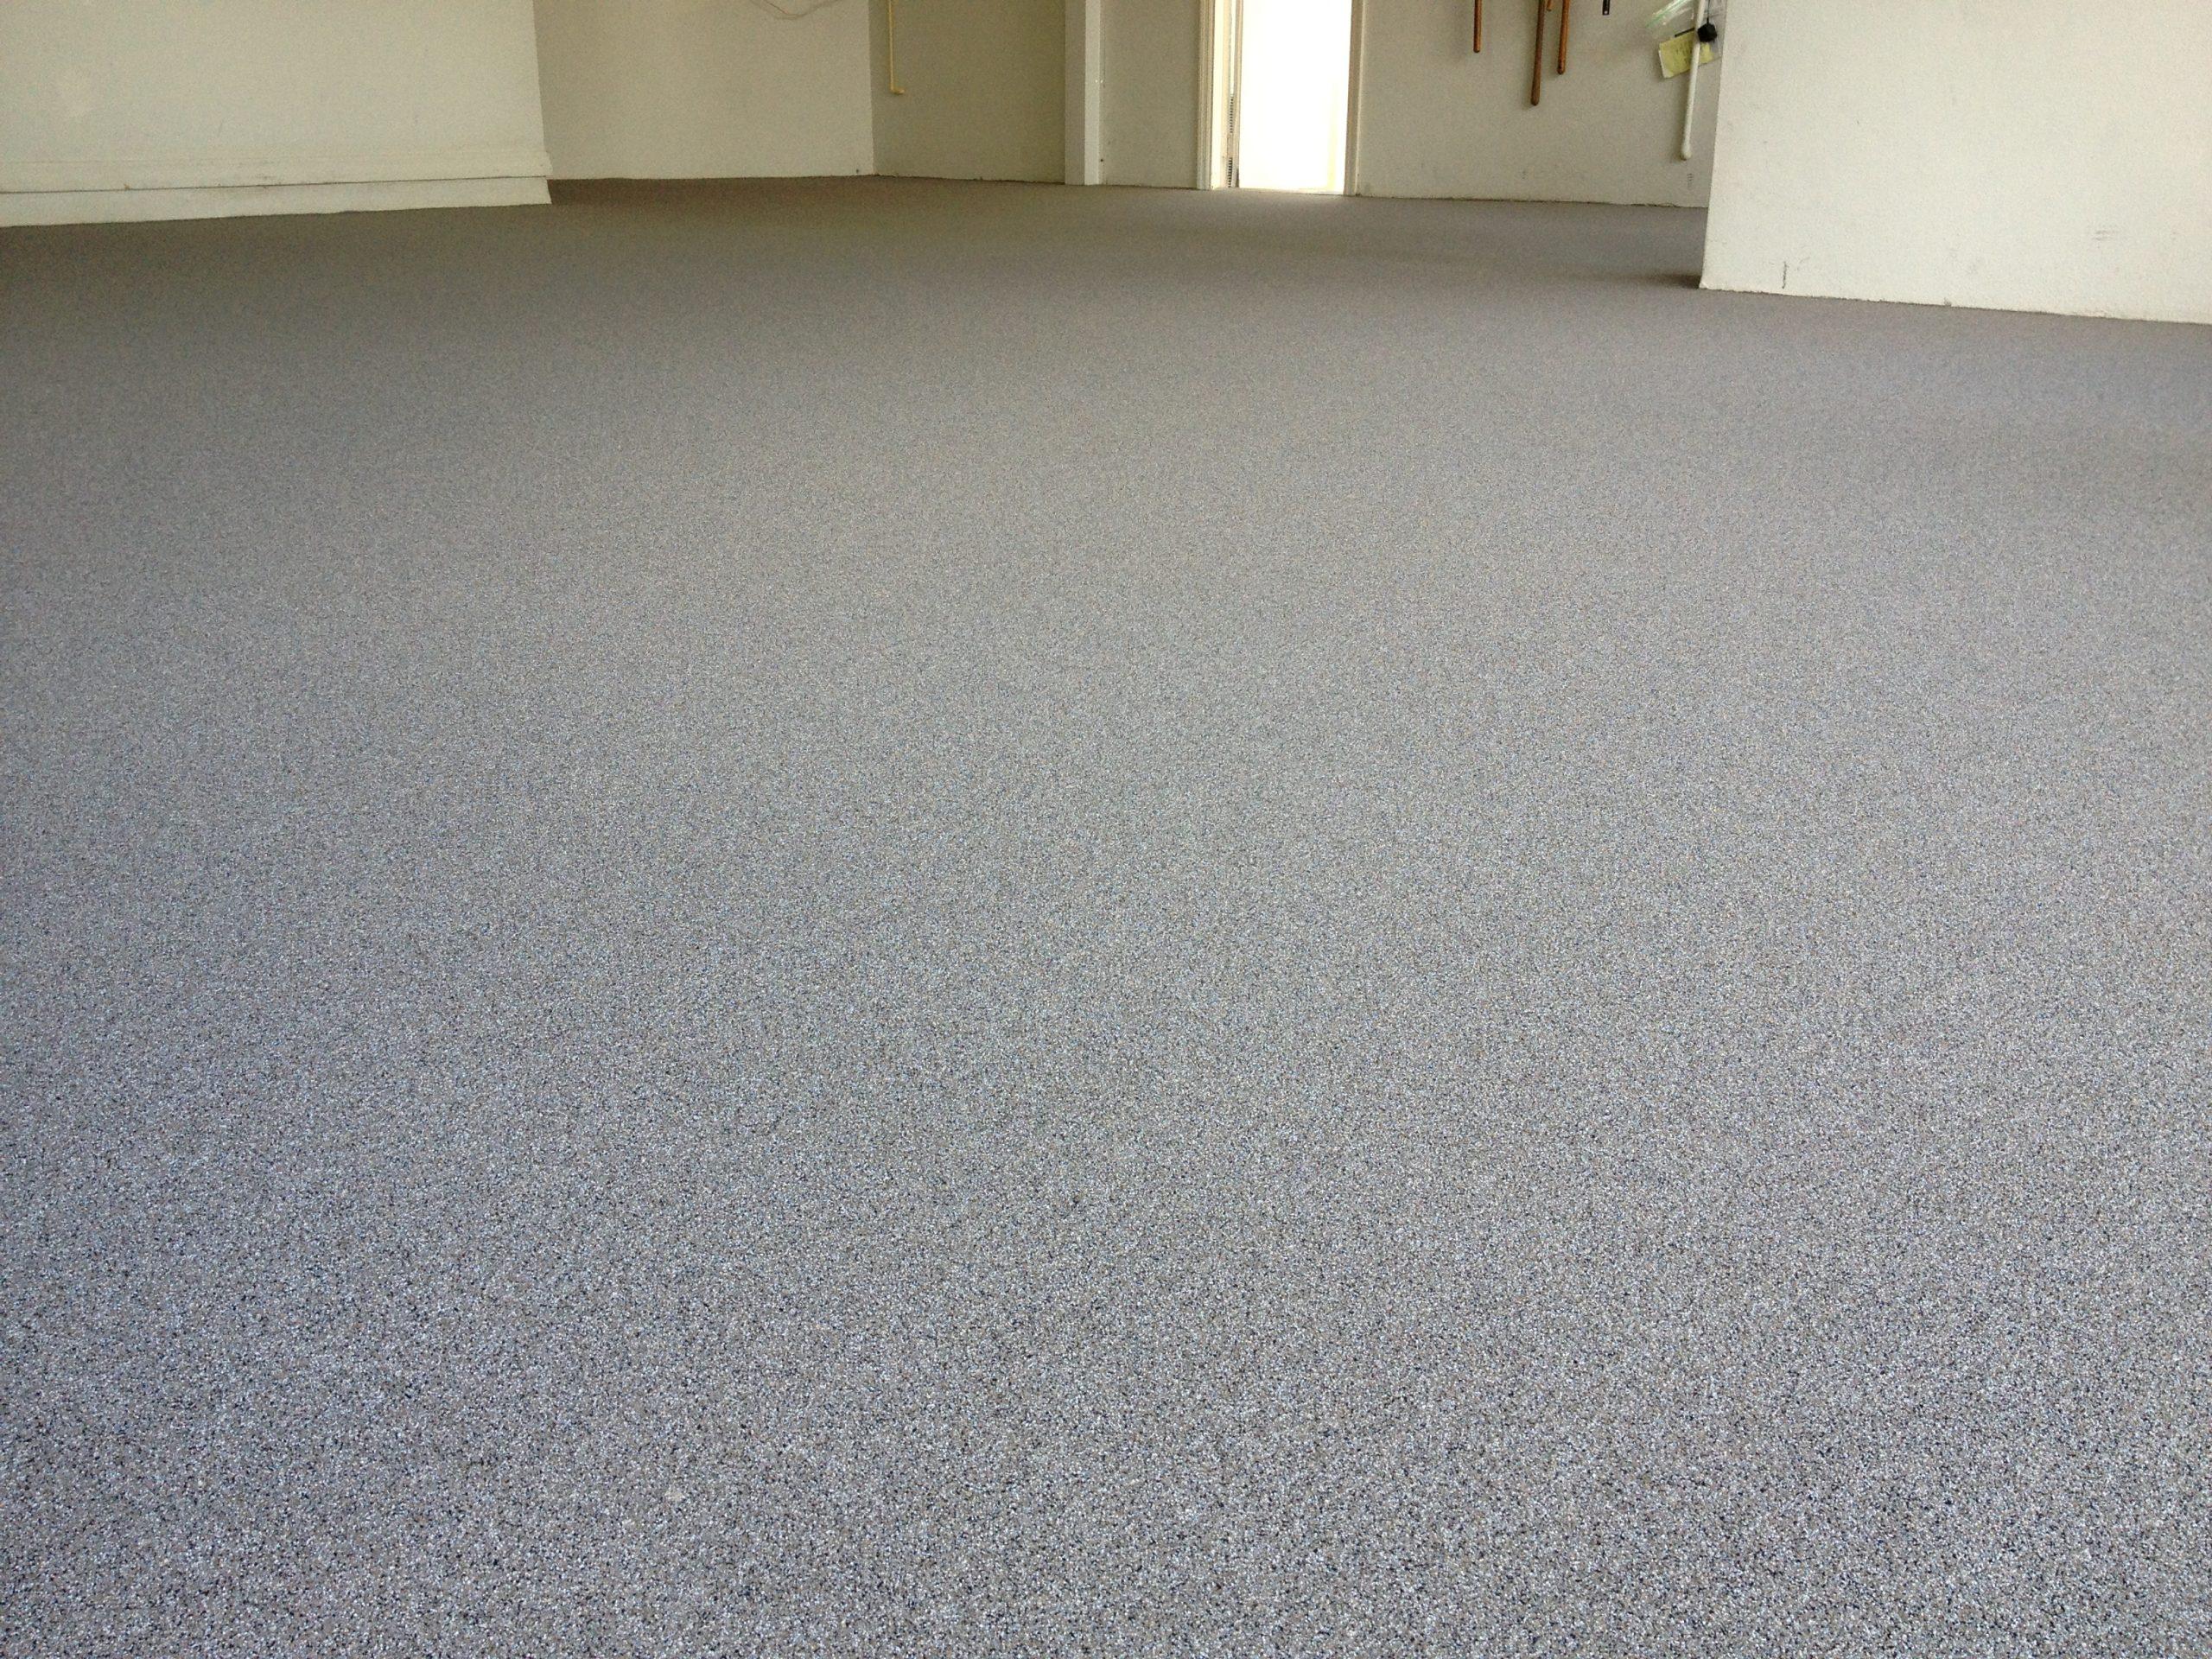 Garage Doctors Easy Clean Flooring in Florida IMG_0696